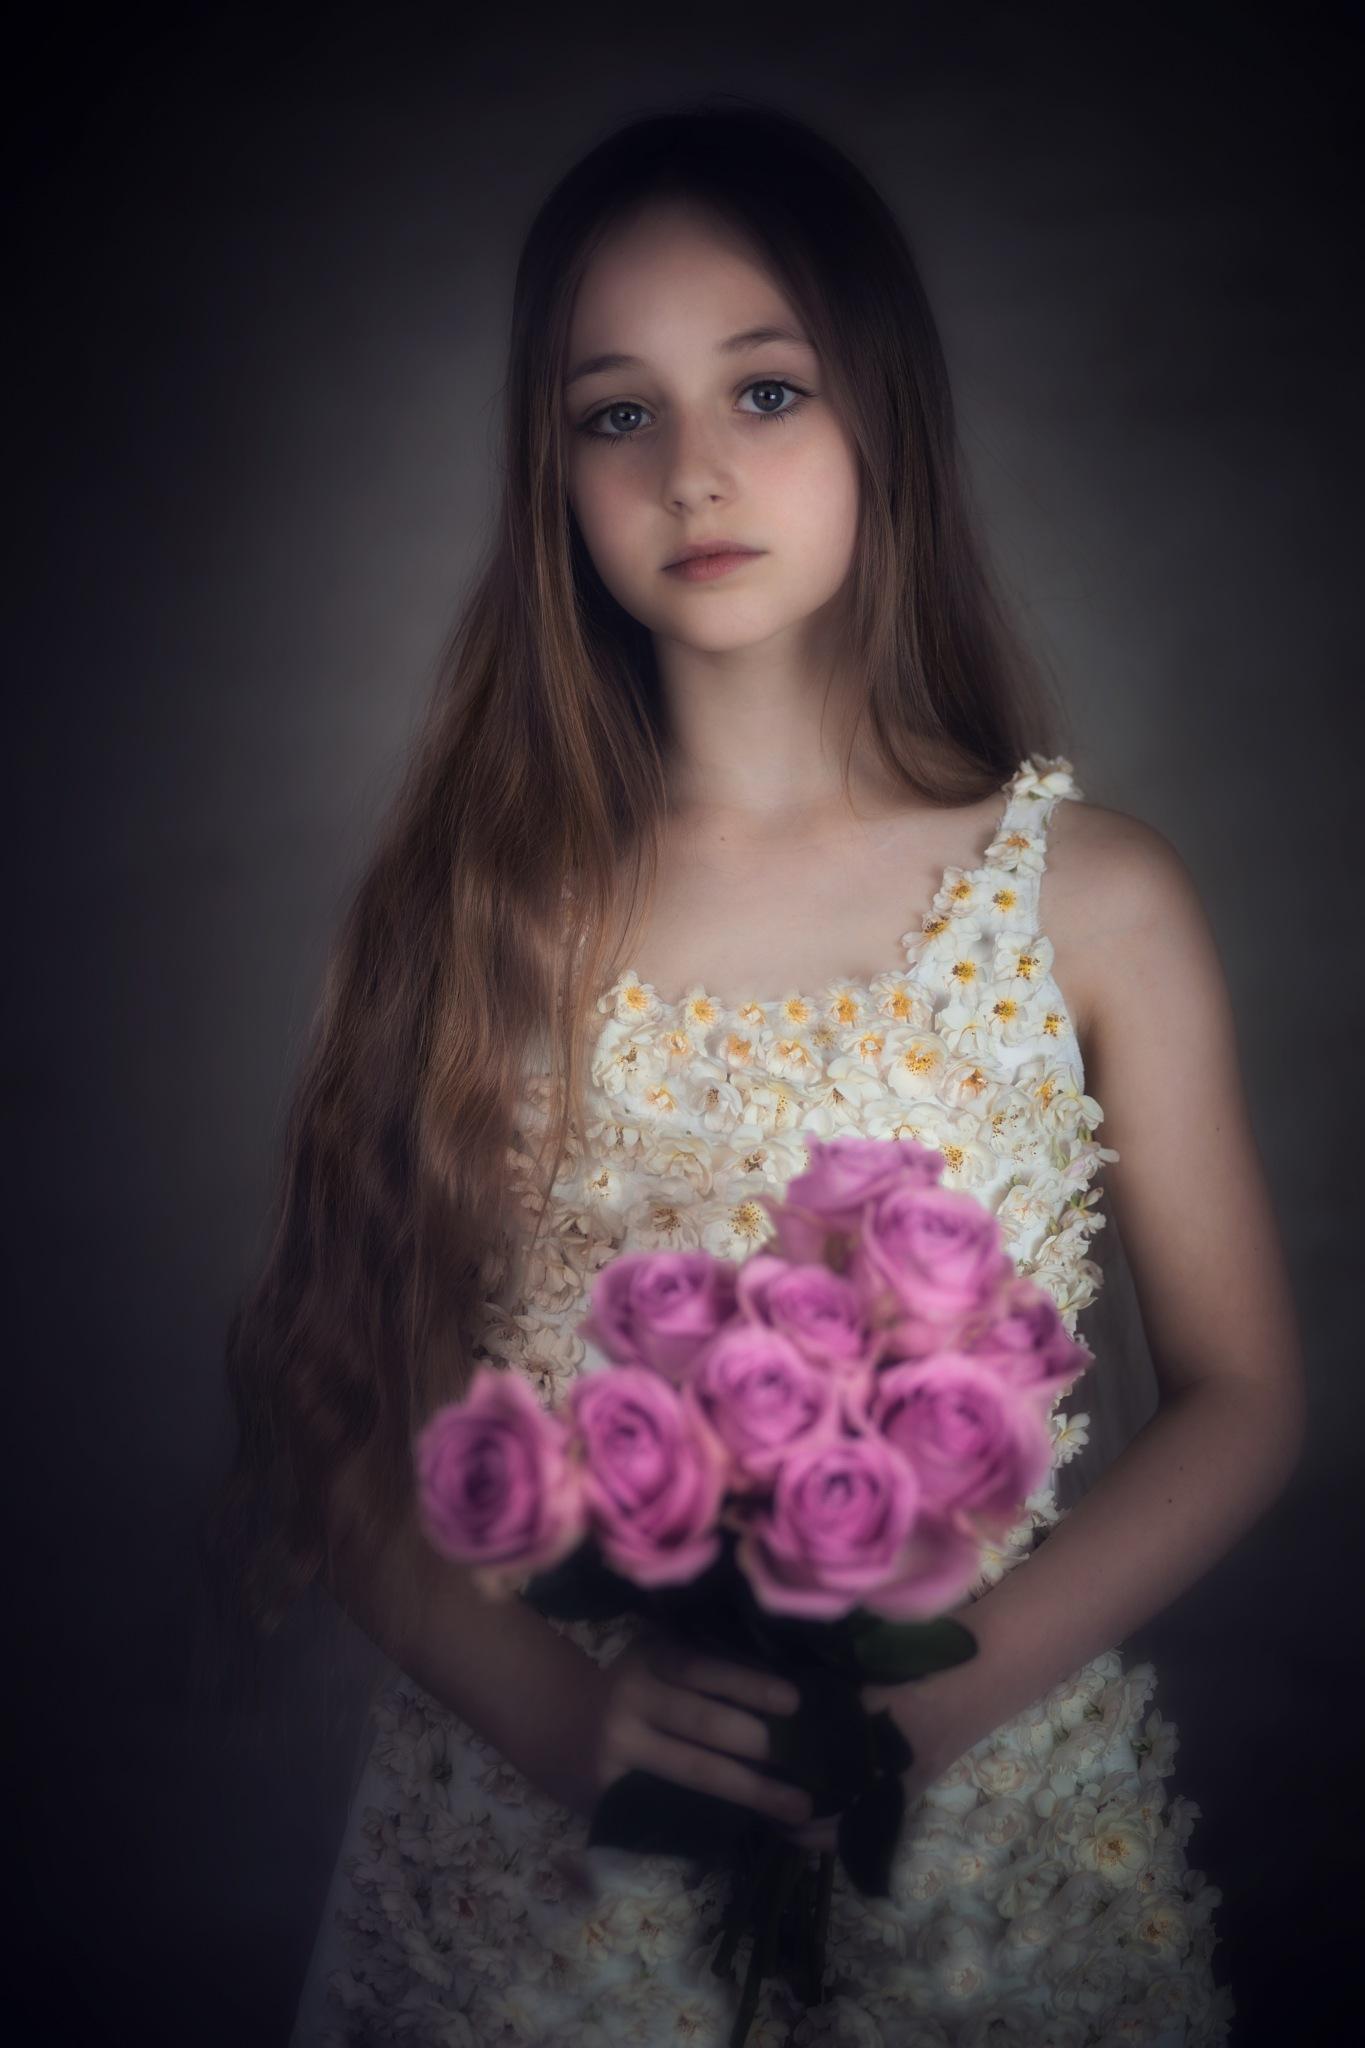 Fleur parmi les fleurs by LidiaVanhamme